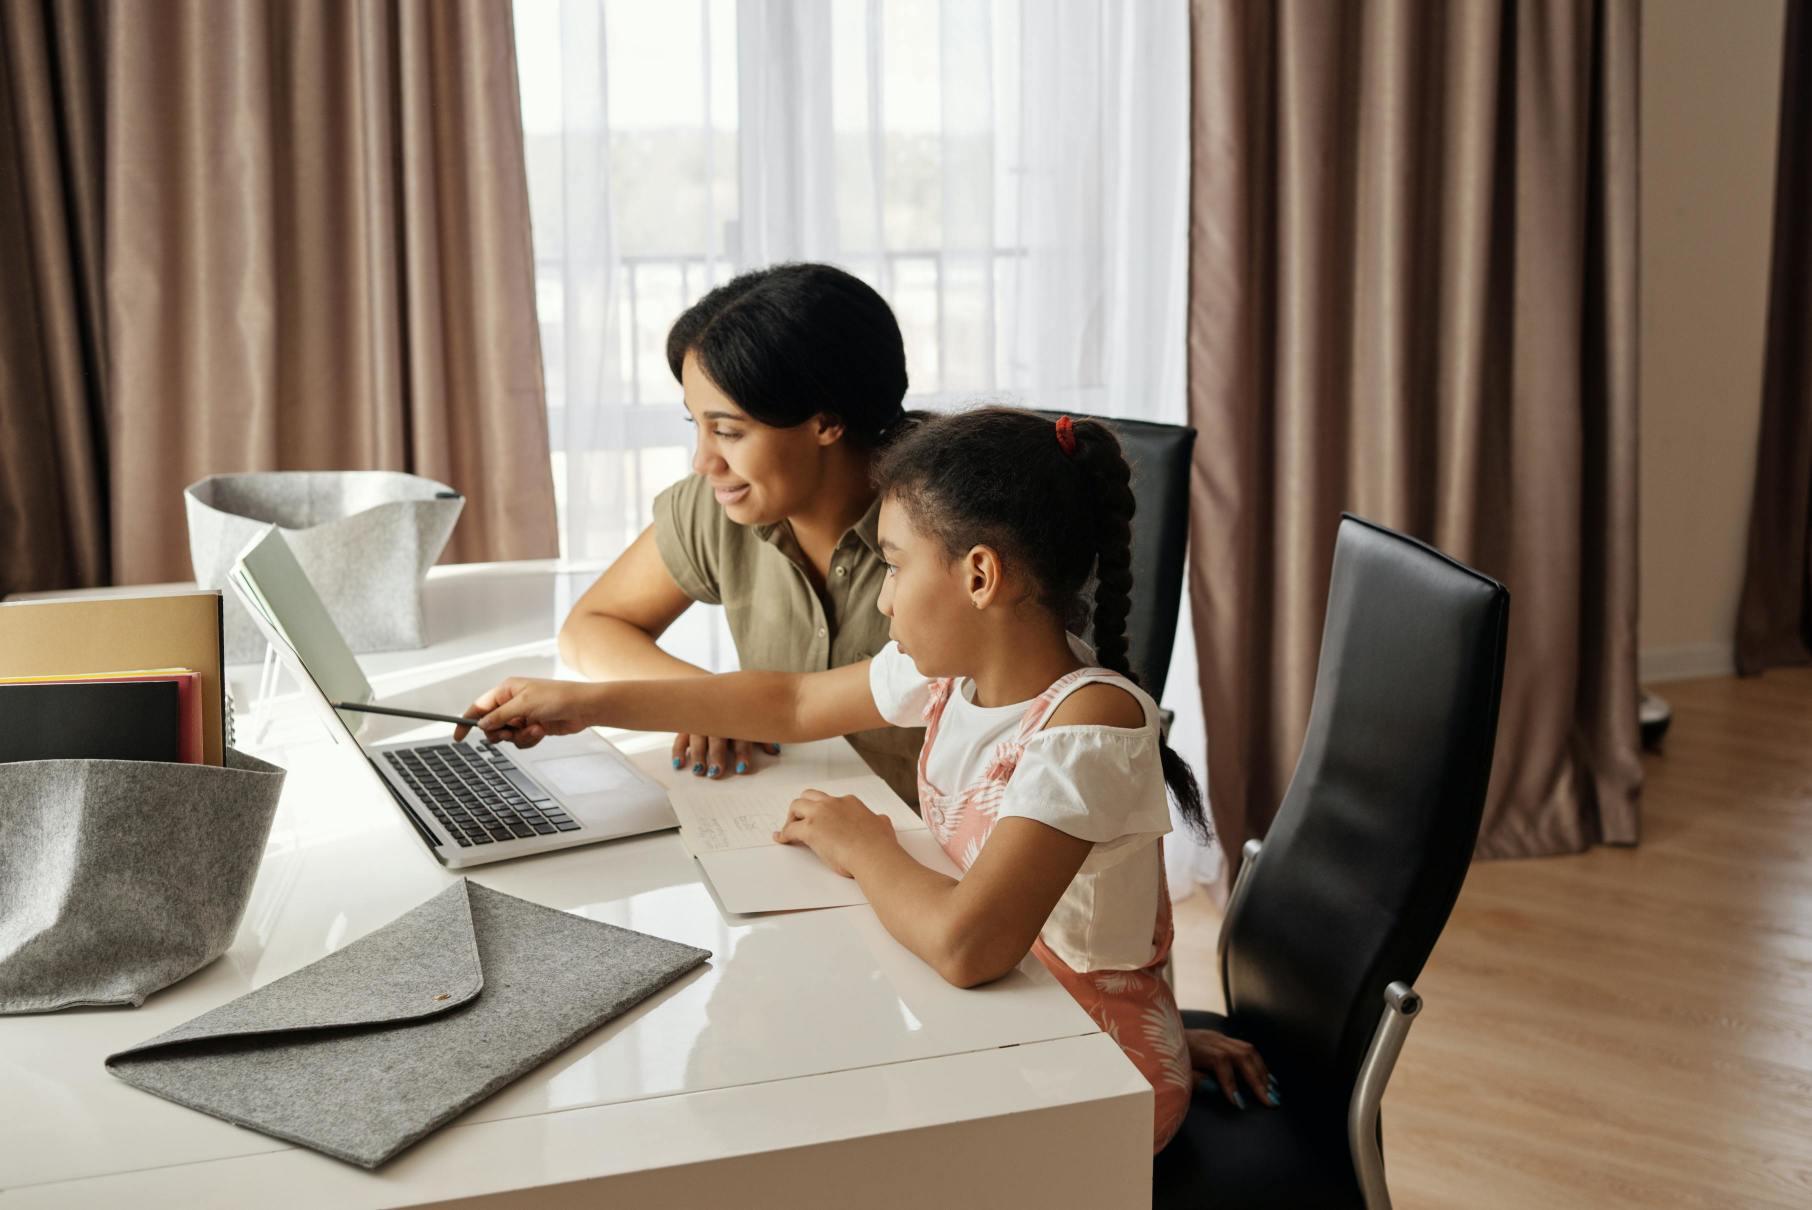 2020-11-03 - 5 Wege, wie Lehrer im Homeschooling effektiv mit Eltern kommunizieren können - Akzeptanz